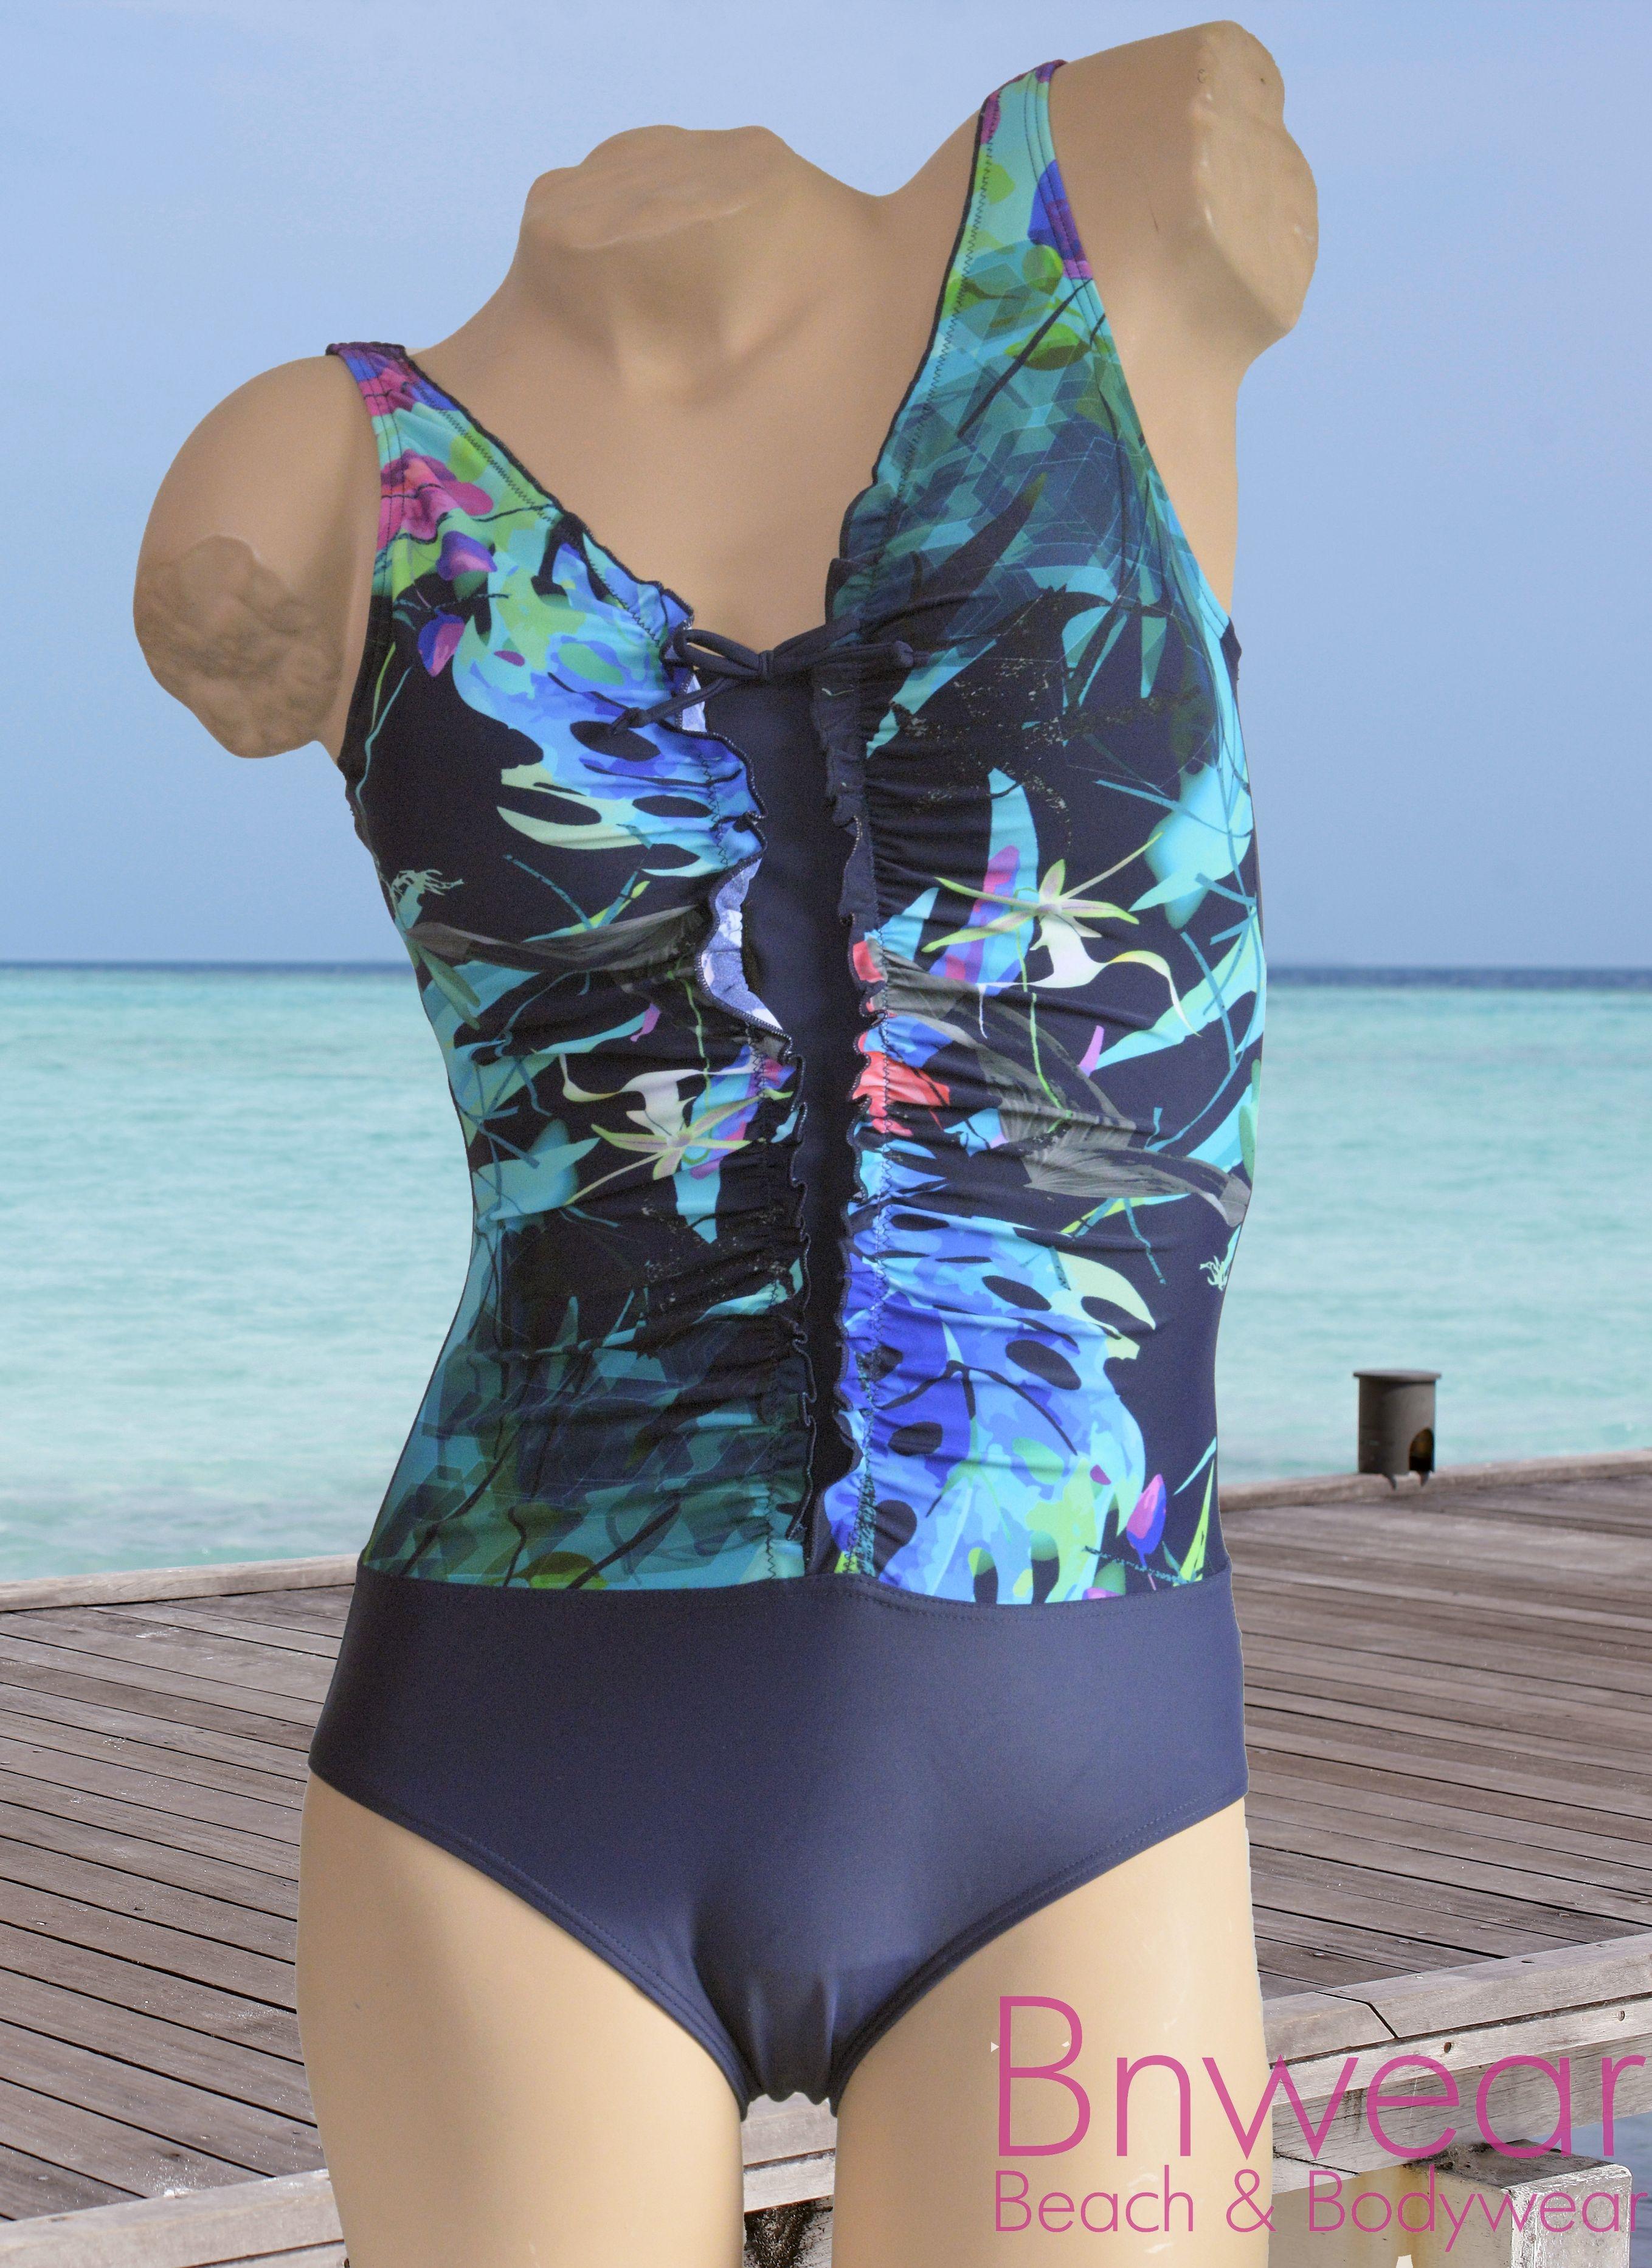 Badpak Bnwear gevoerd met front support